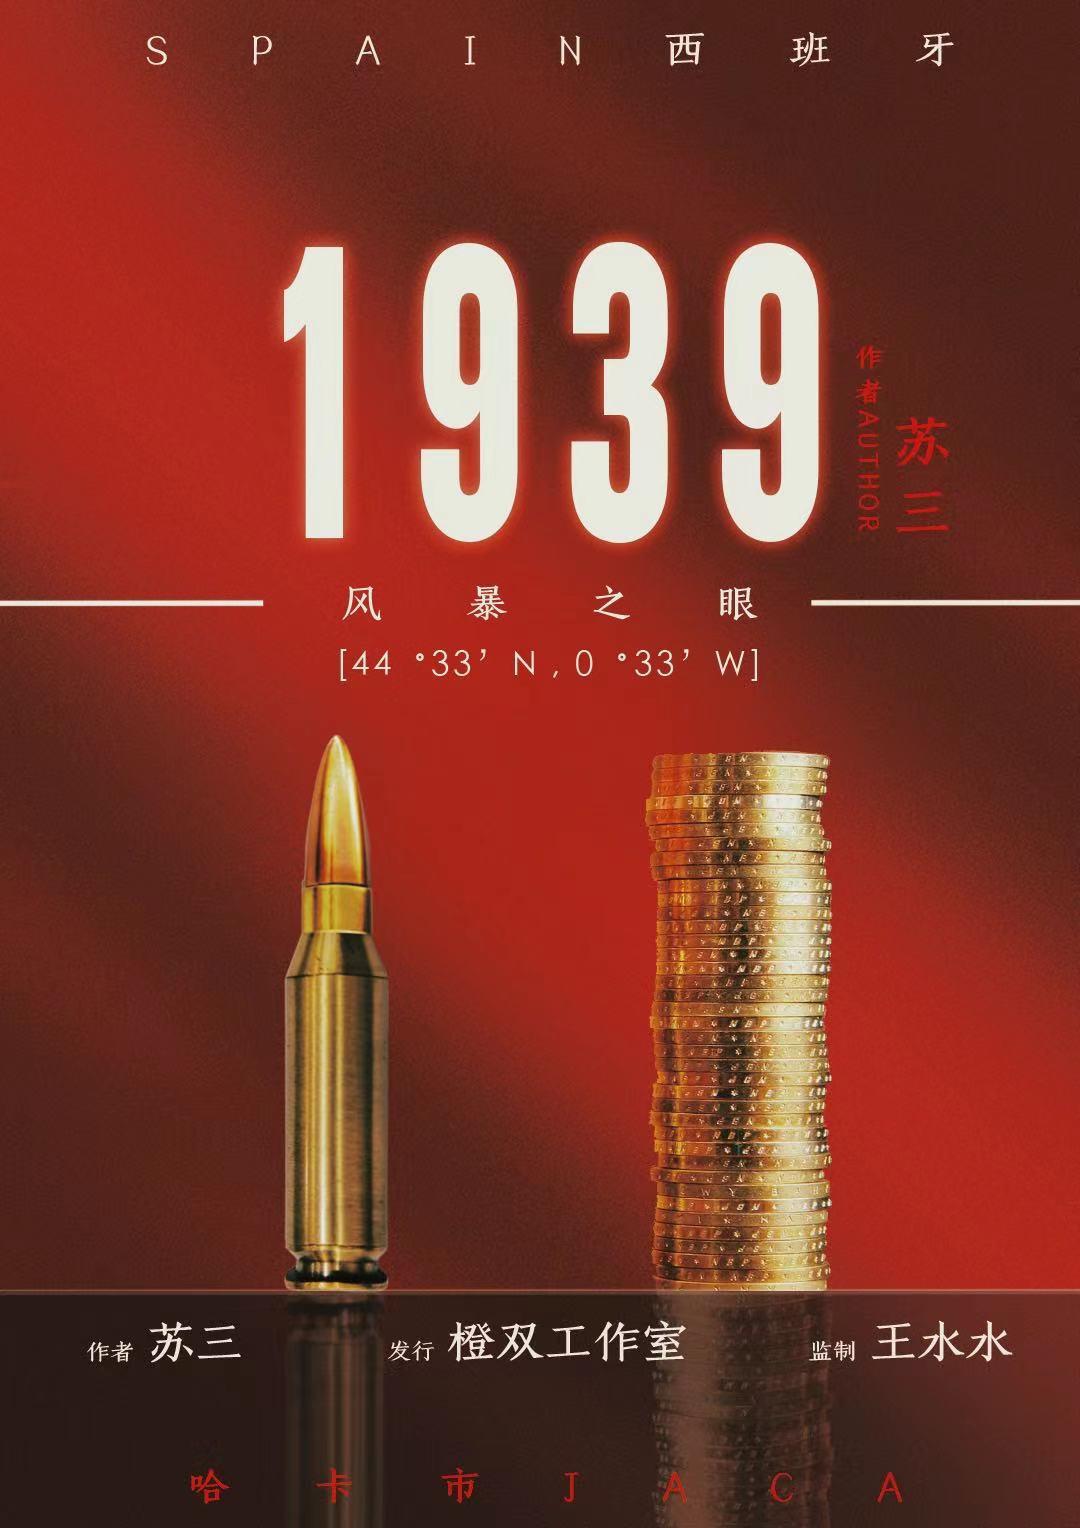 『1939风暴之眼』剧本杀复盘解析\剧透\谁是凶手